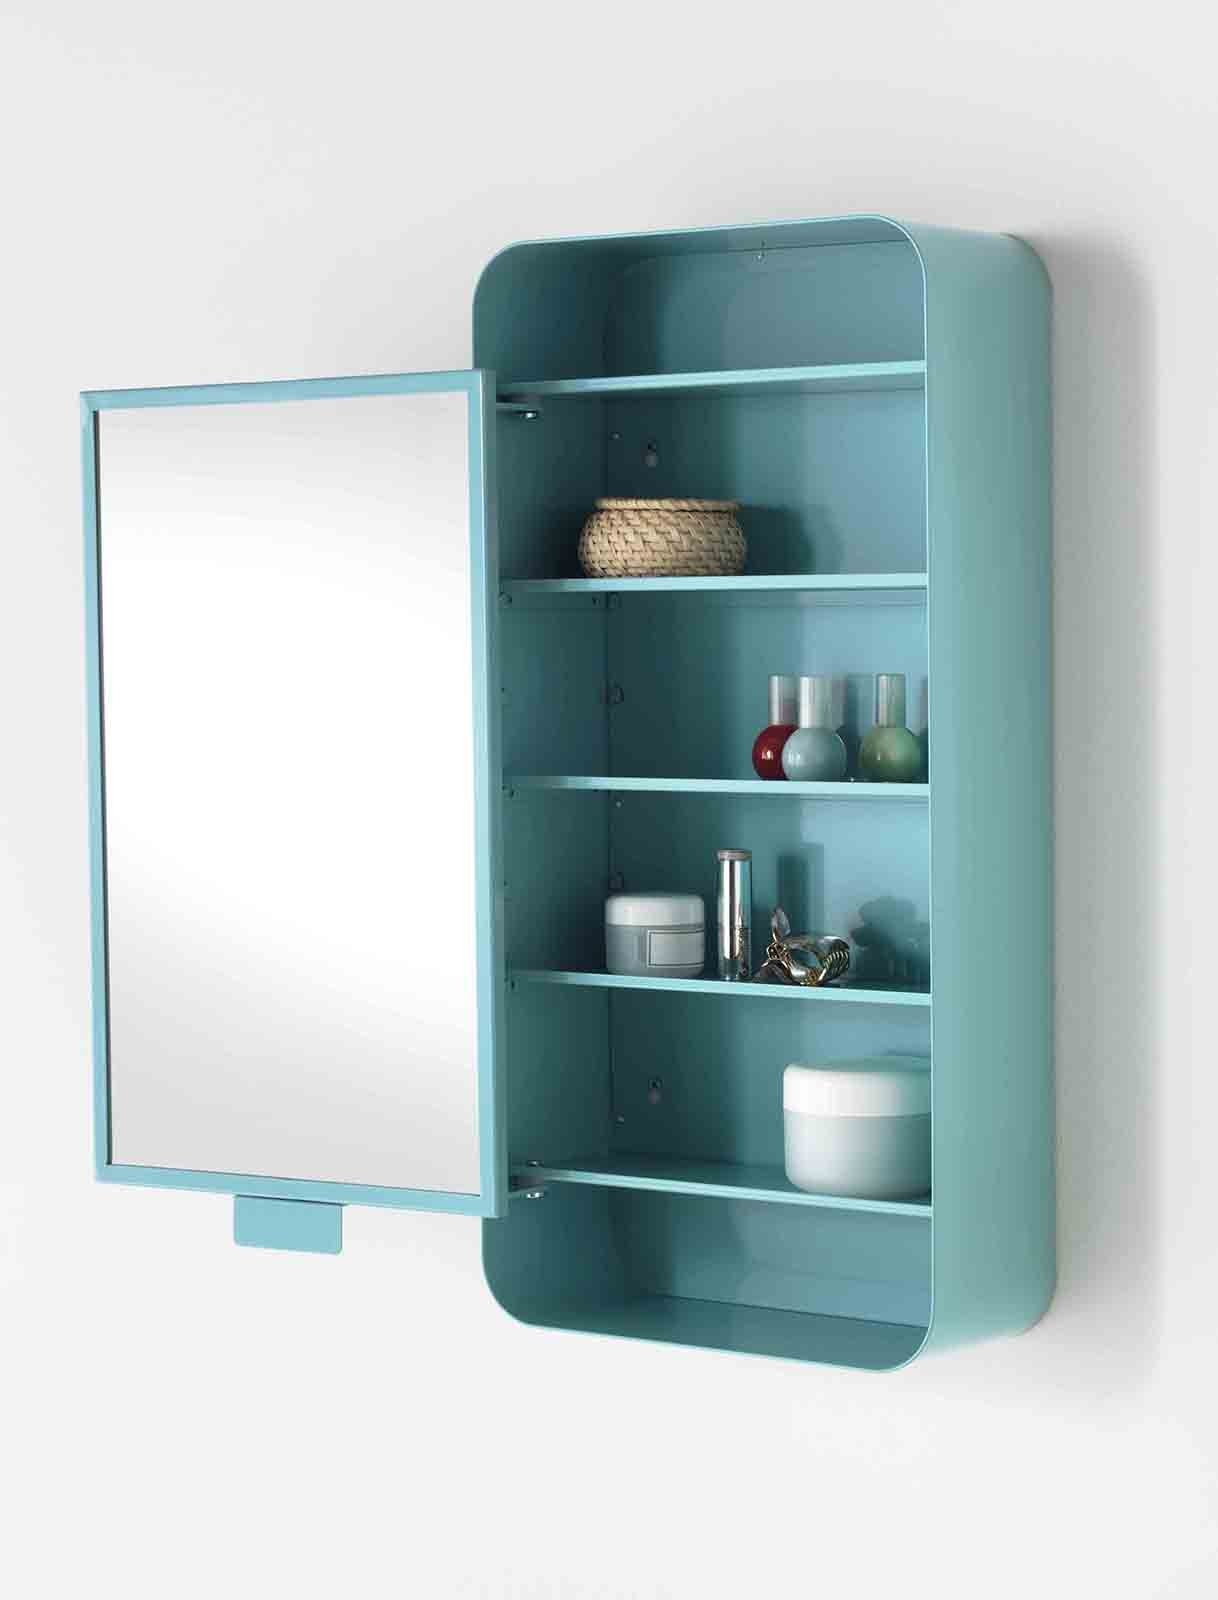 Specchi per il bagno cose di casa - Specchio contenitore ikea ...